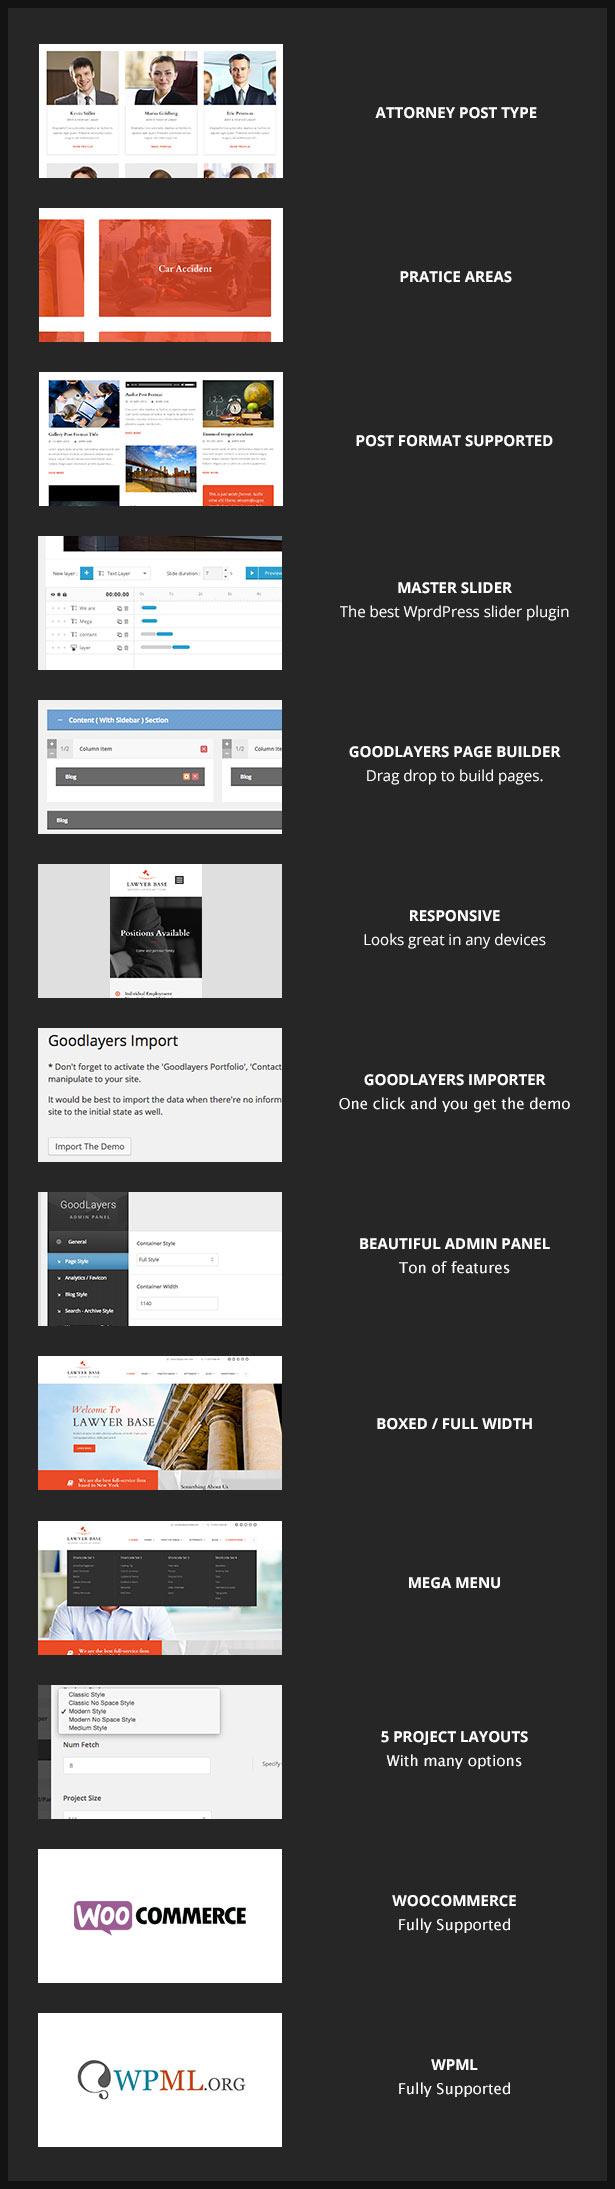 Lawyer Base - Attorney WordPress - 2